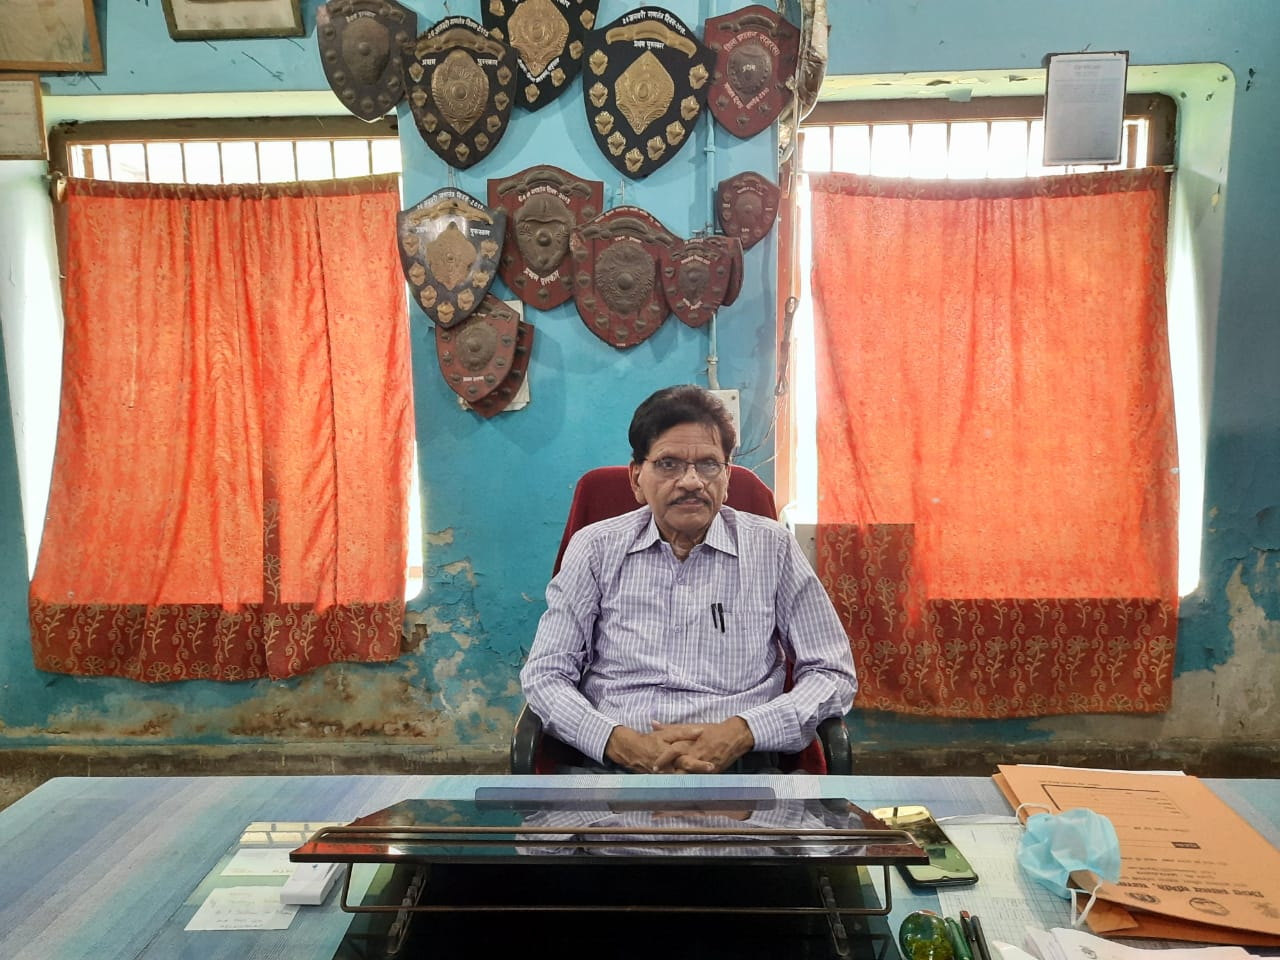 सहरसा:चुनावकार्य में भाग ले रहे स्वास्थ्य कर्मियों को दिया जाएगा रिफ्रेशमेन्ट -कम- ओरिएंटेशन प्रशिक्षण